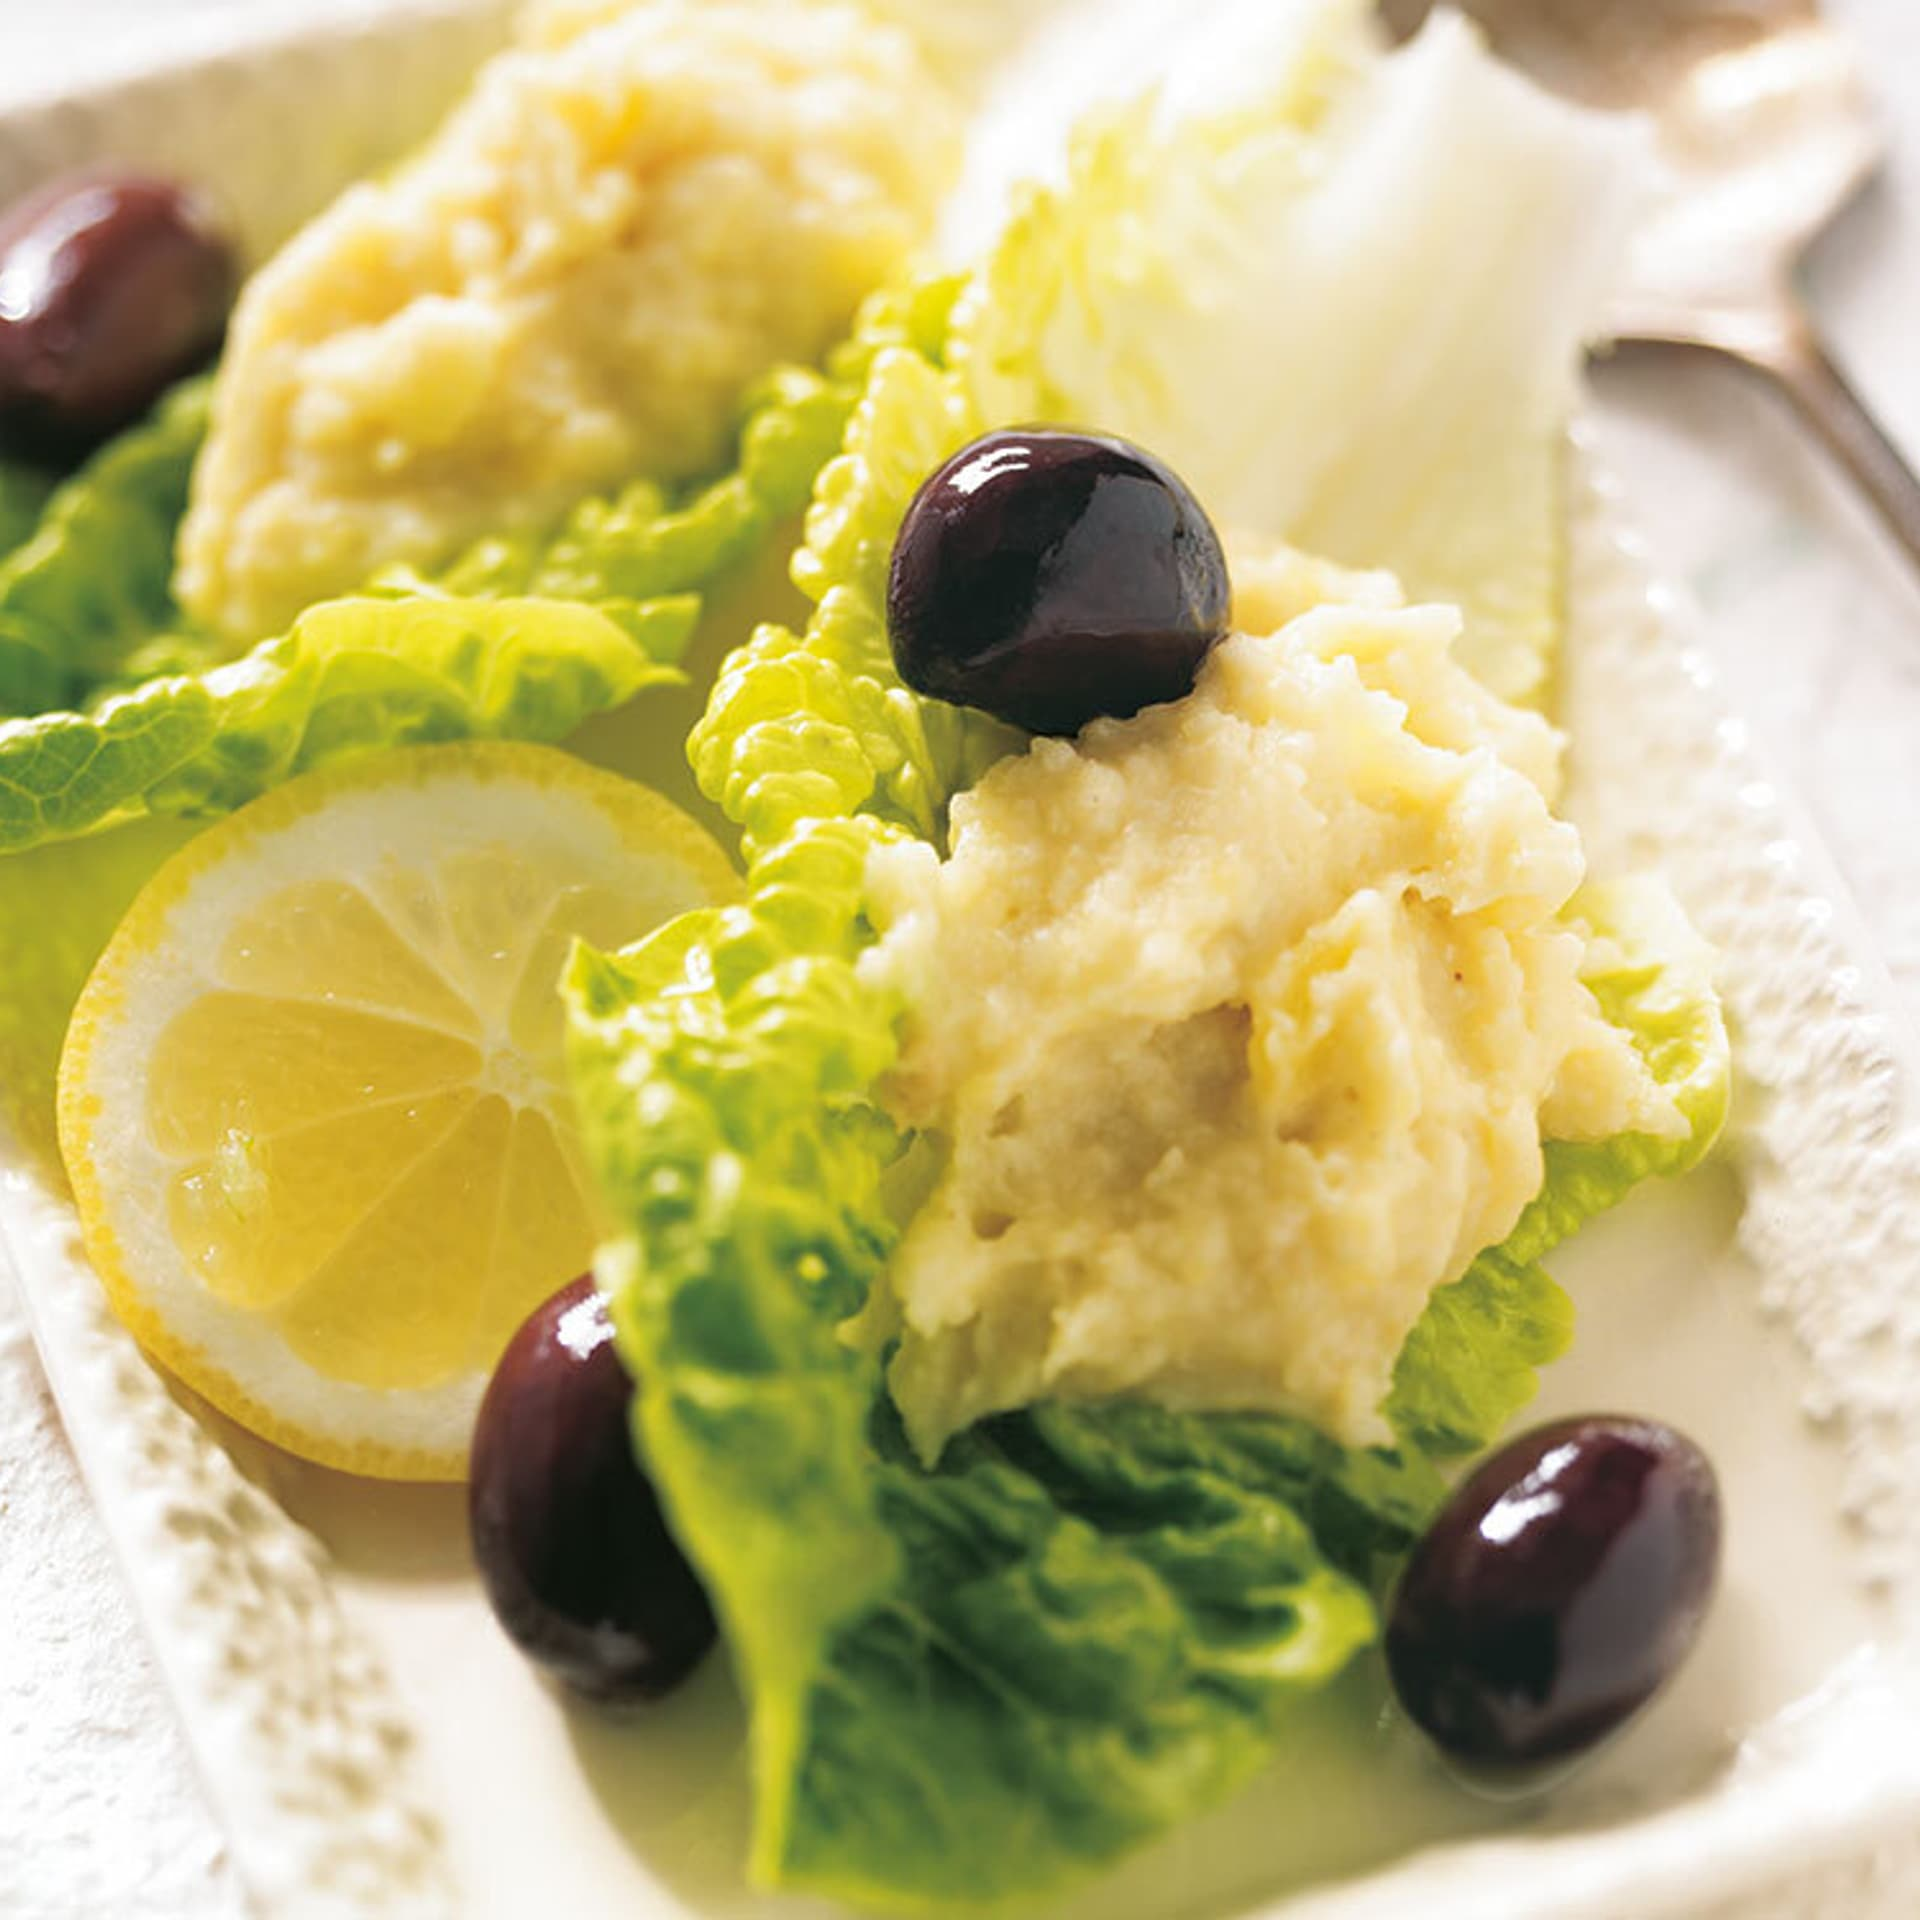 Ein gelber Aufstrich garniert mit schwarzen Oliven und Salatblättern